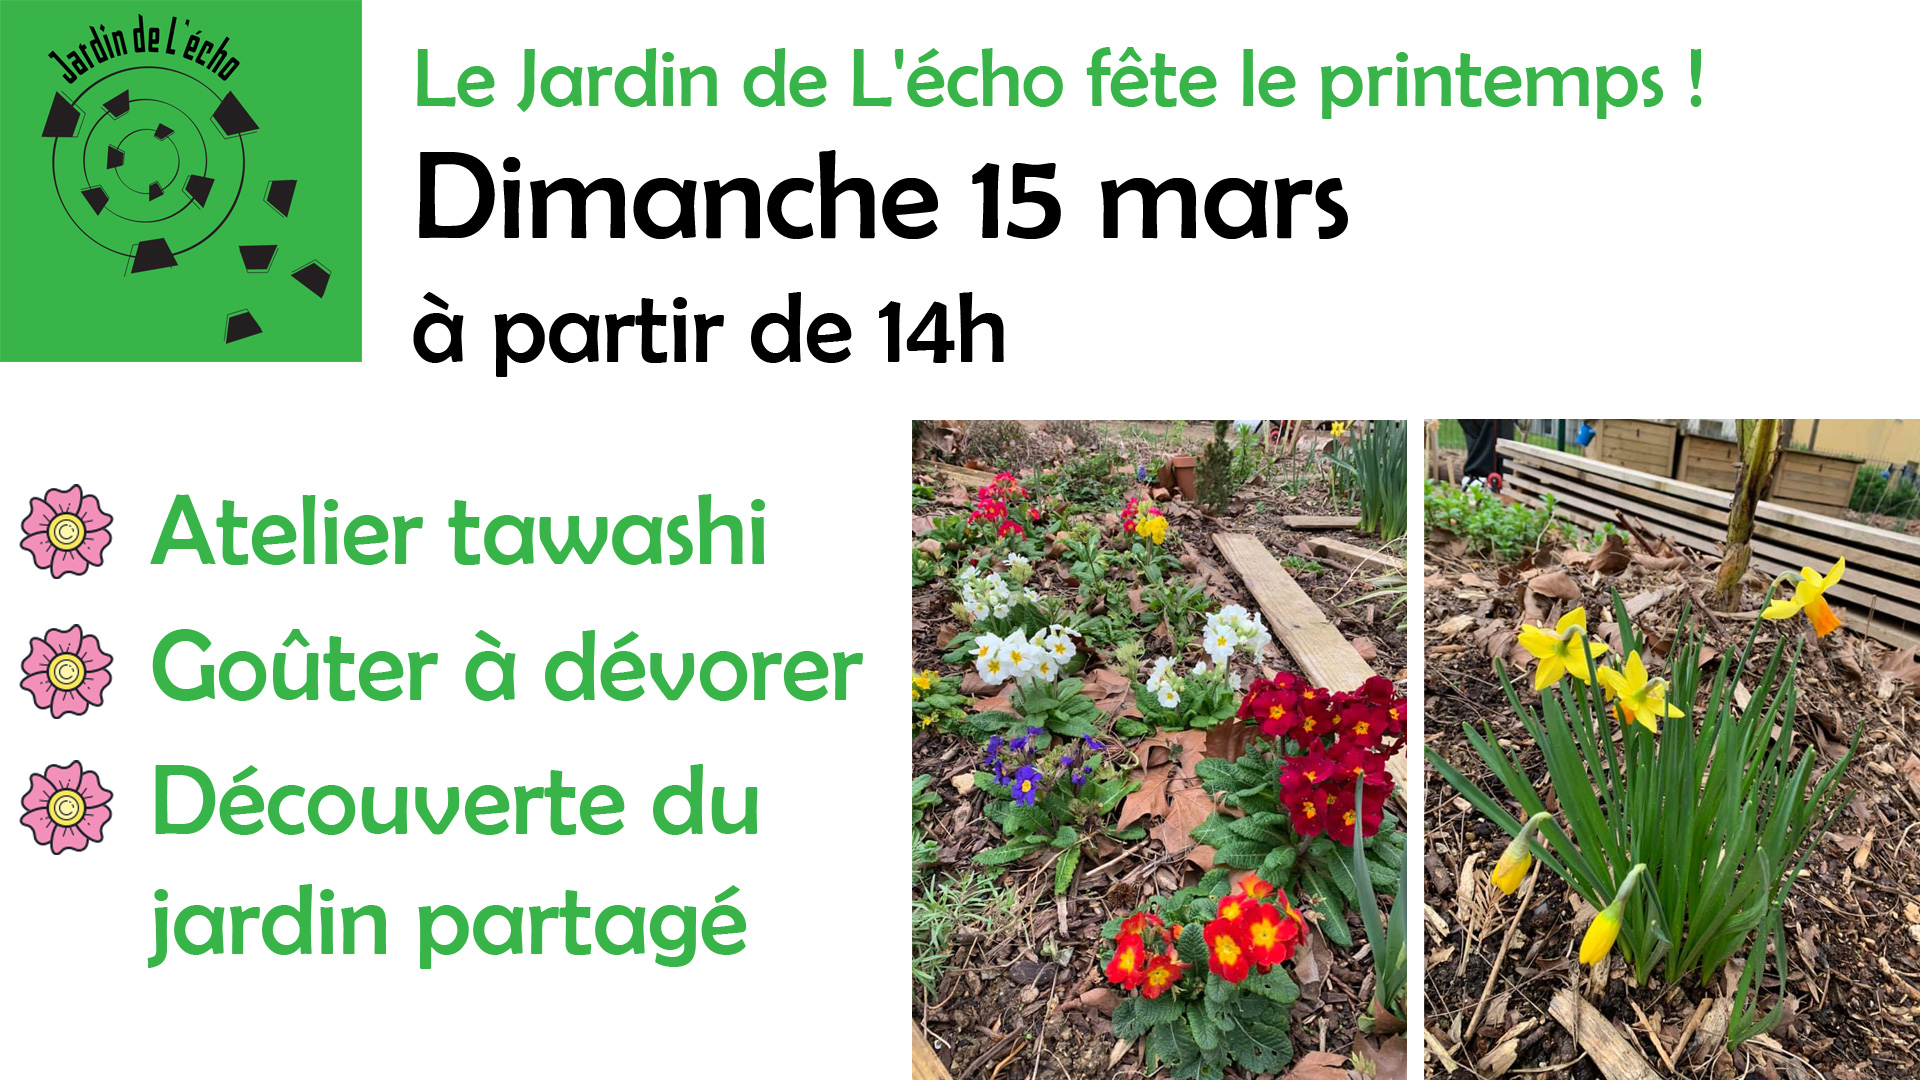 Le Jardin de L'écho fête le printemps !